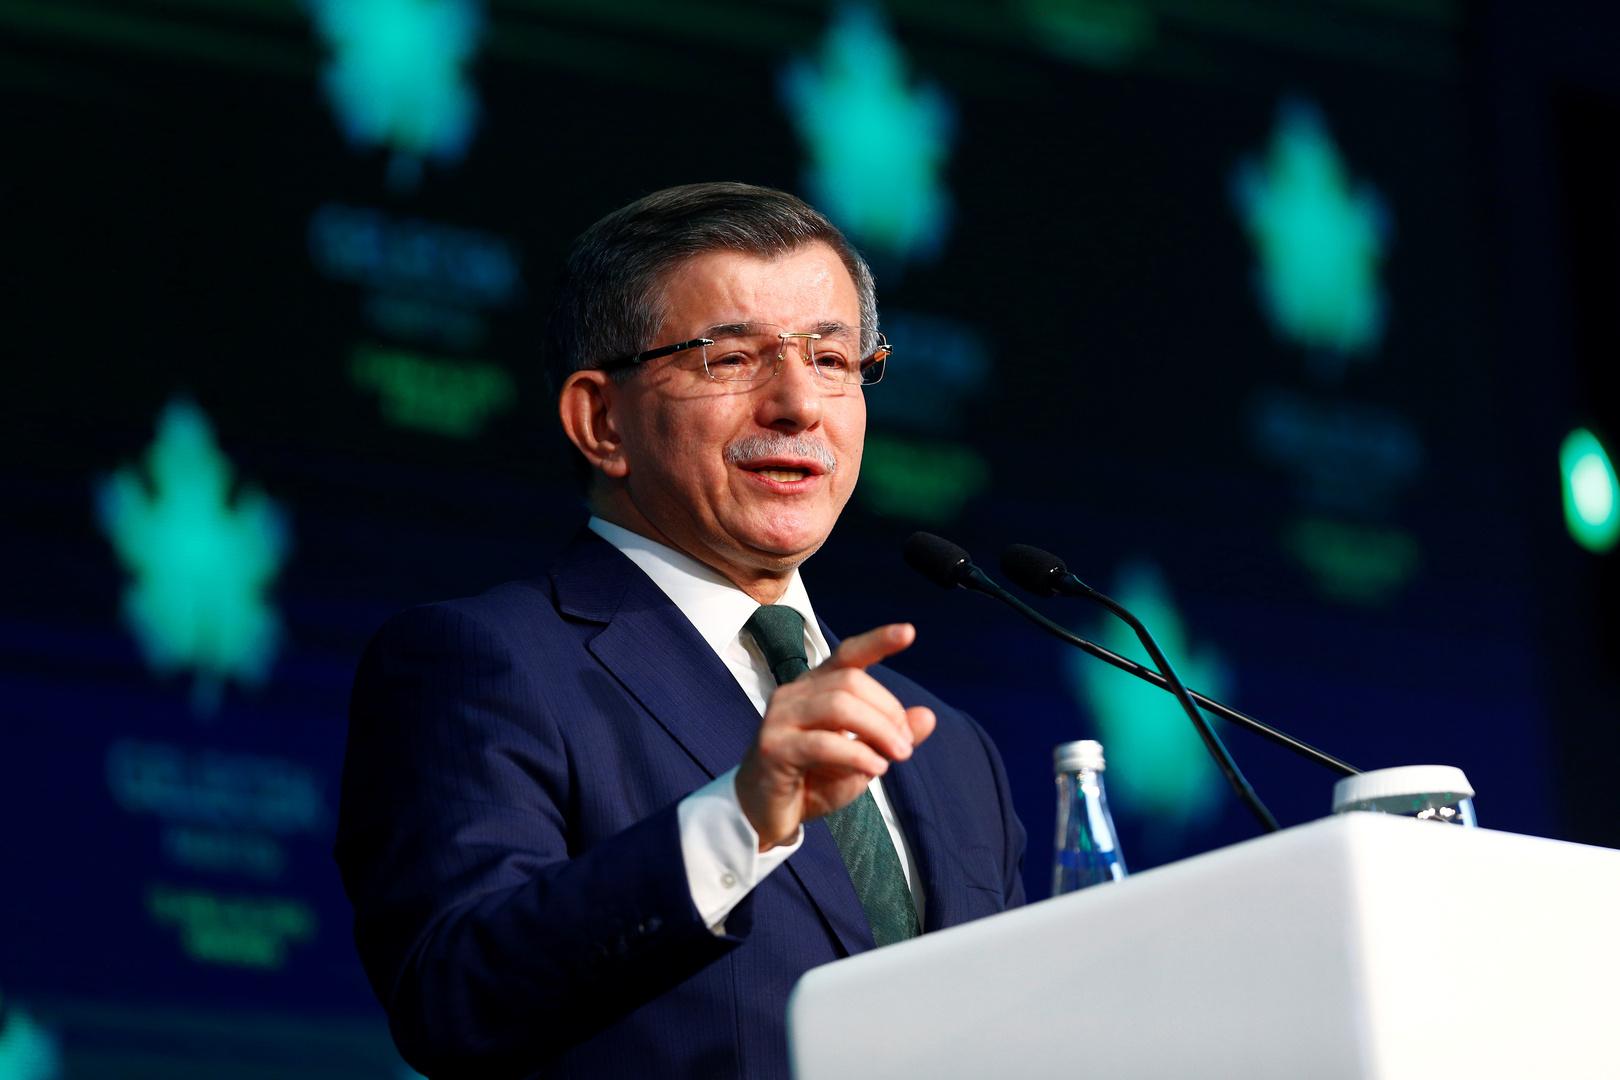 أحمد داوود أوغلو، رئيس الوزراء التركي السابق وزعيم حزب المستقبل